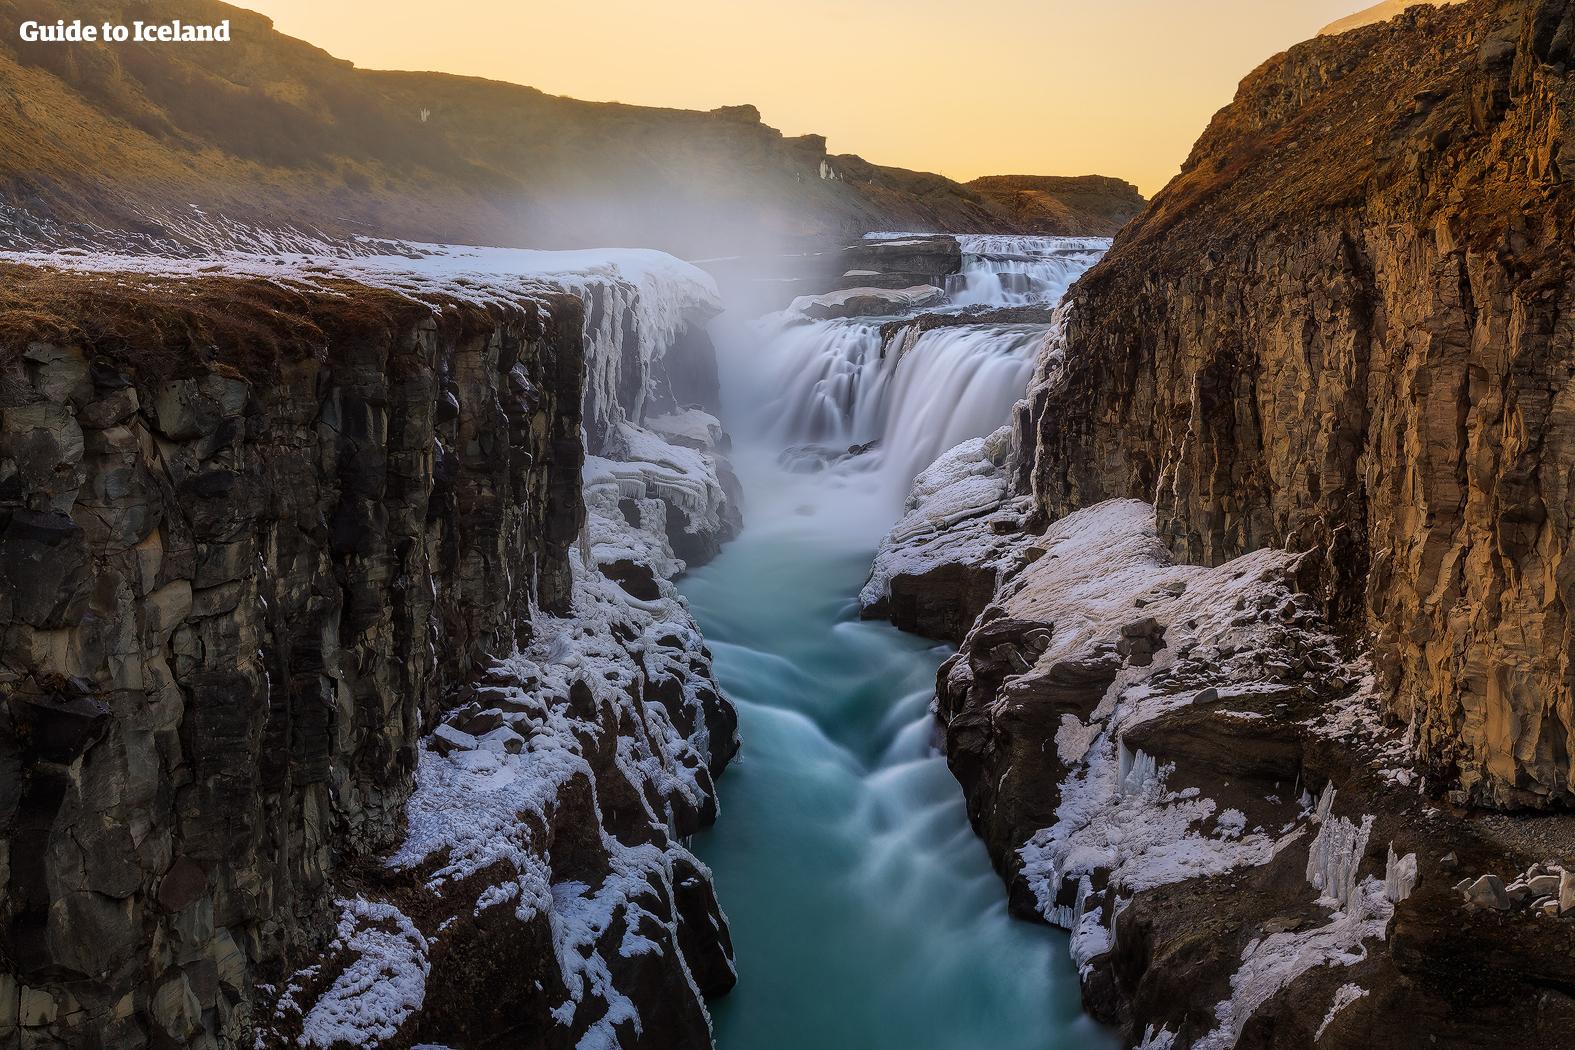 Dolina, w którą wpada Gullfoss, pokrywa się śniegiem, gdy zima opanowuje południową Islandię.